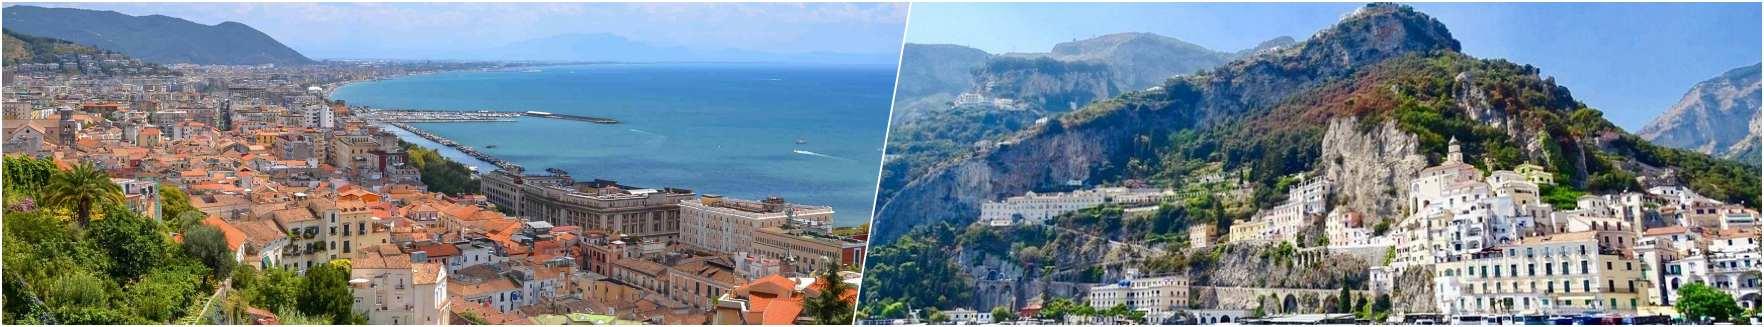 Salerno - Rome